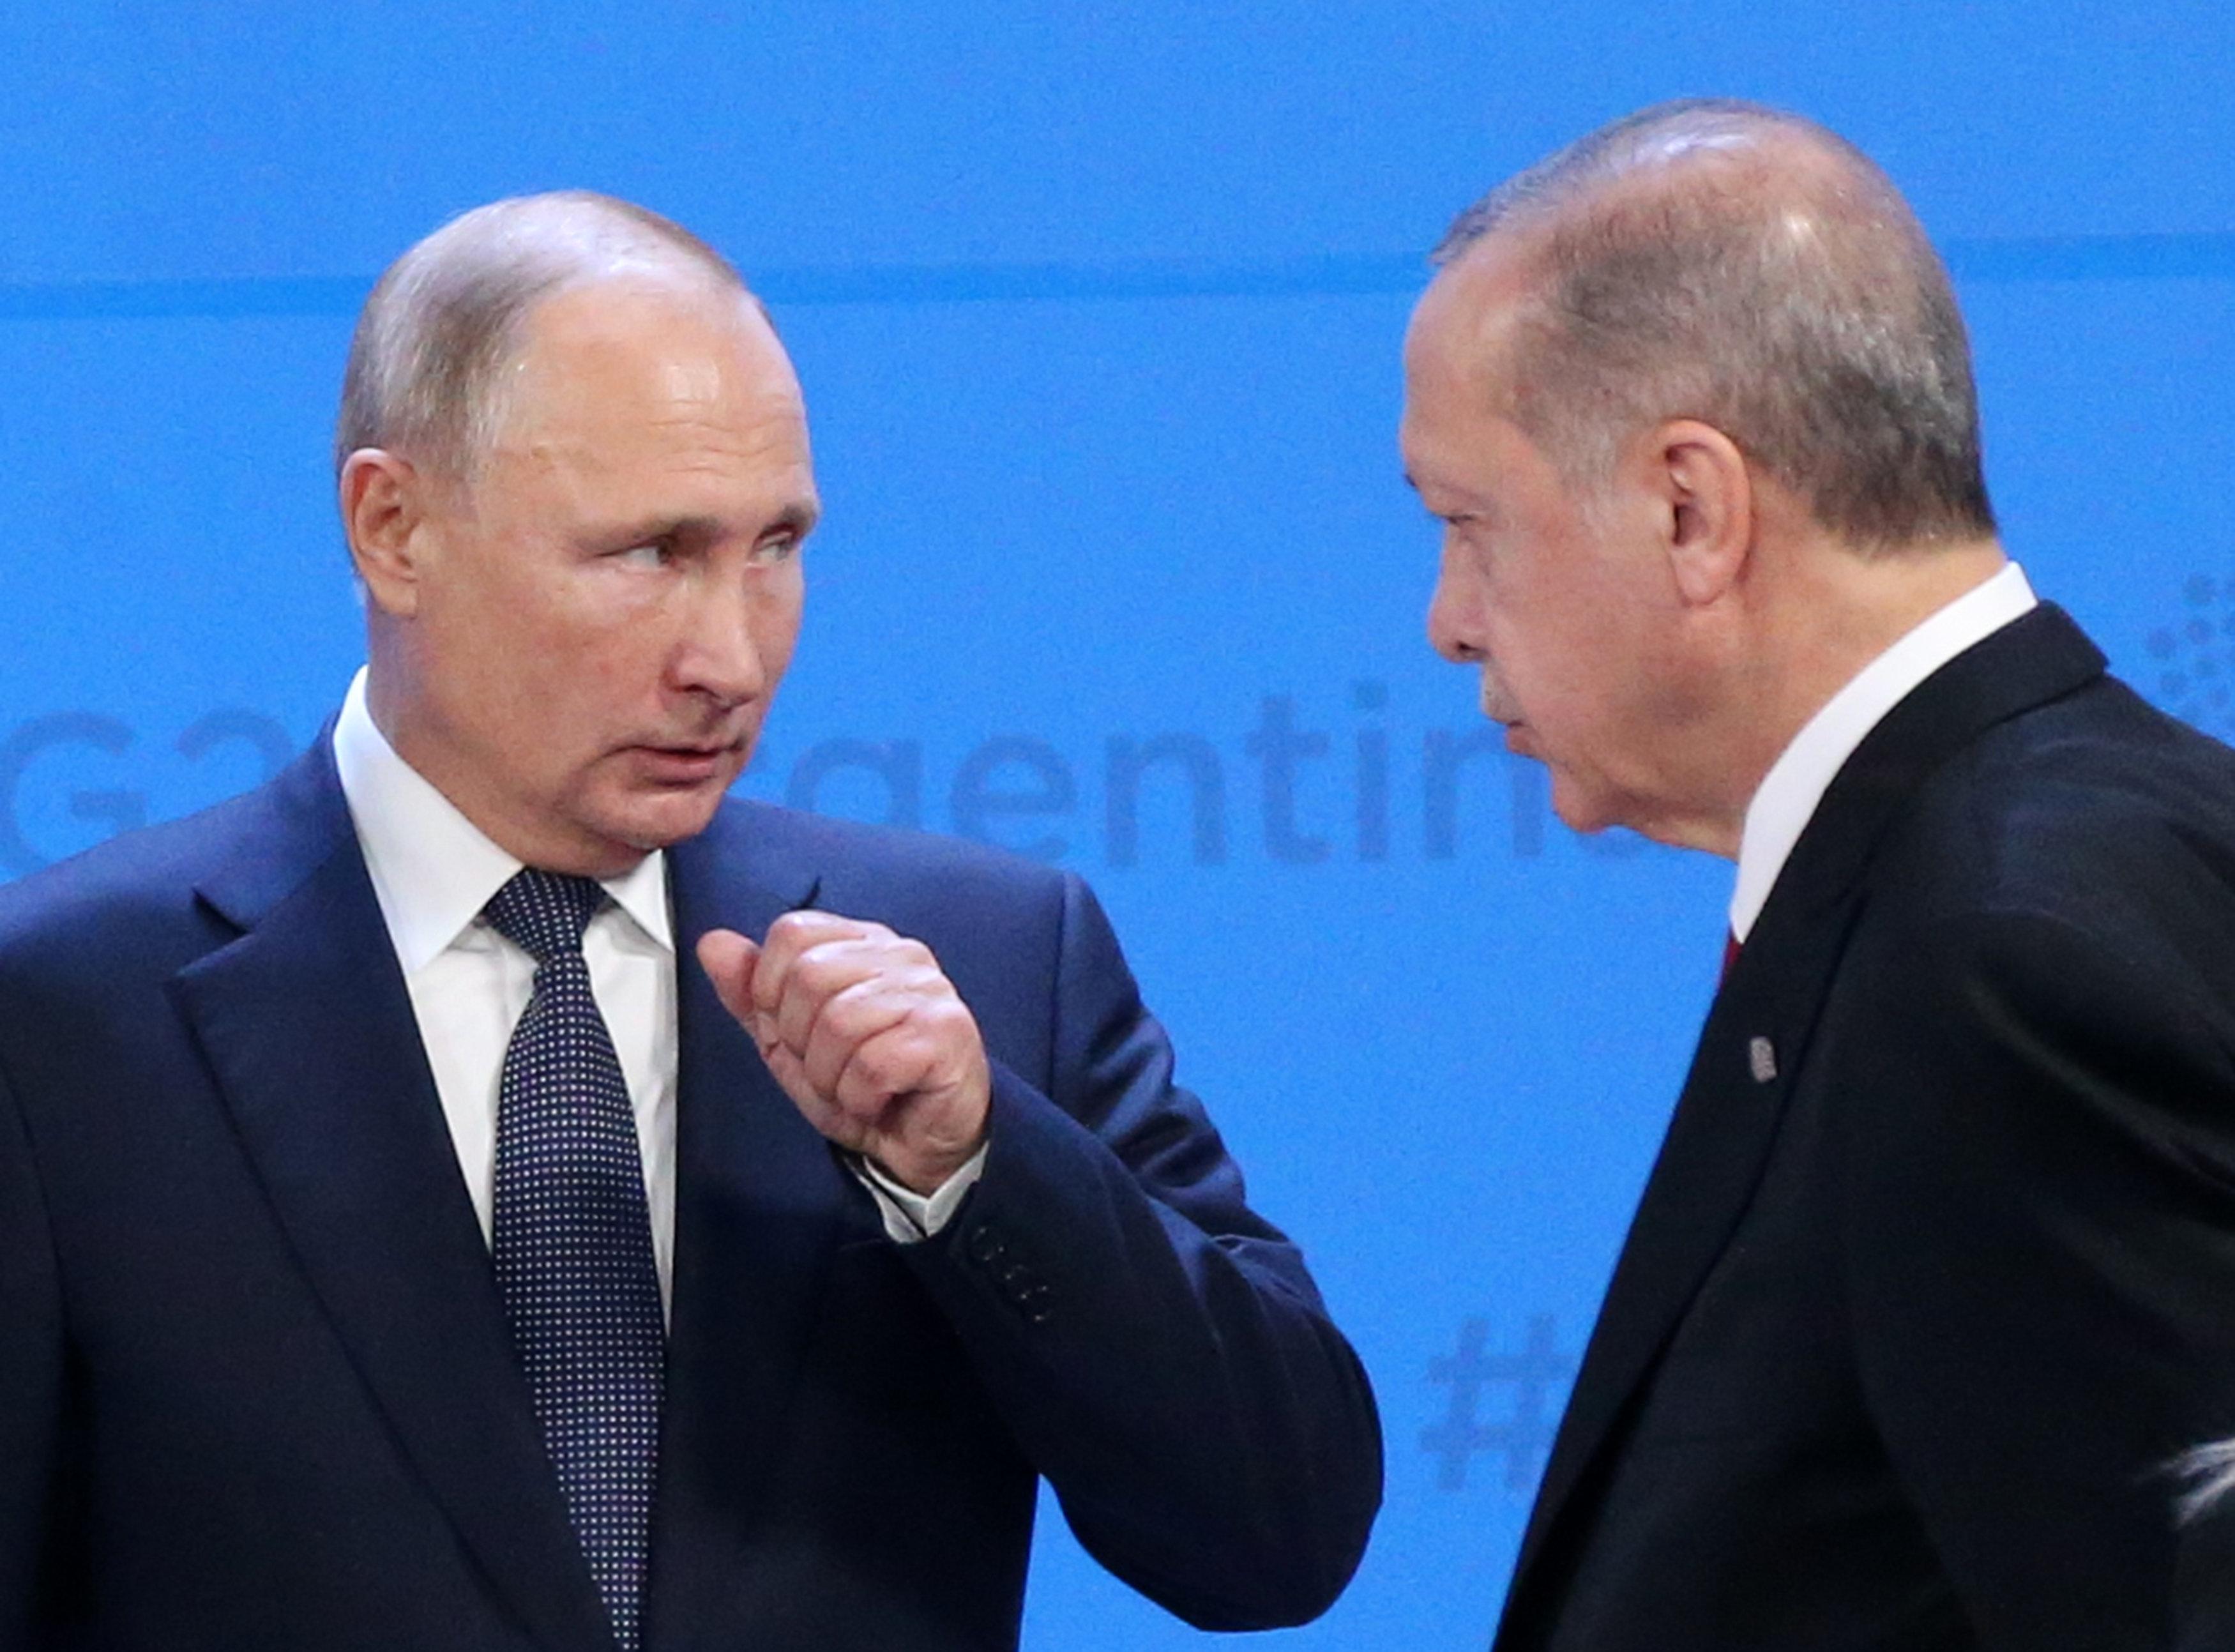 Ο Ερντογάν διαμεσολαβητής στη ρωσο-ουκρανική